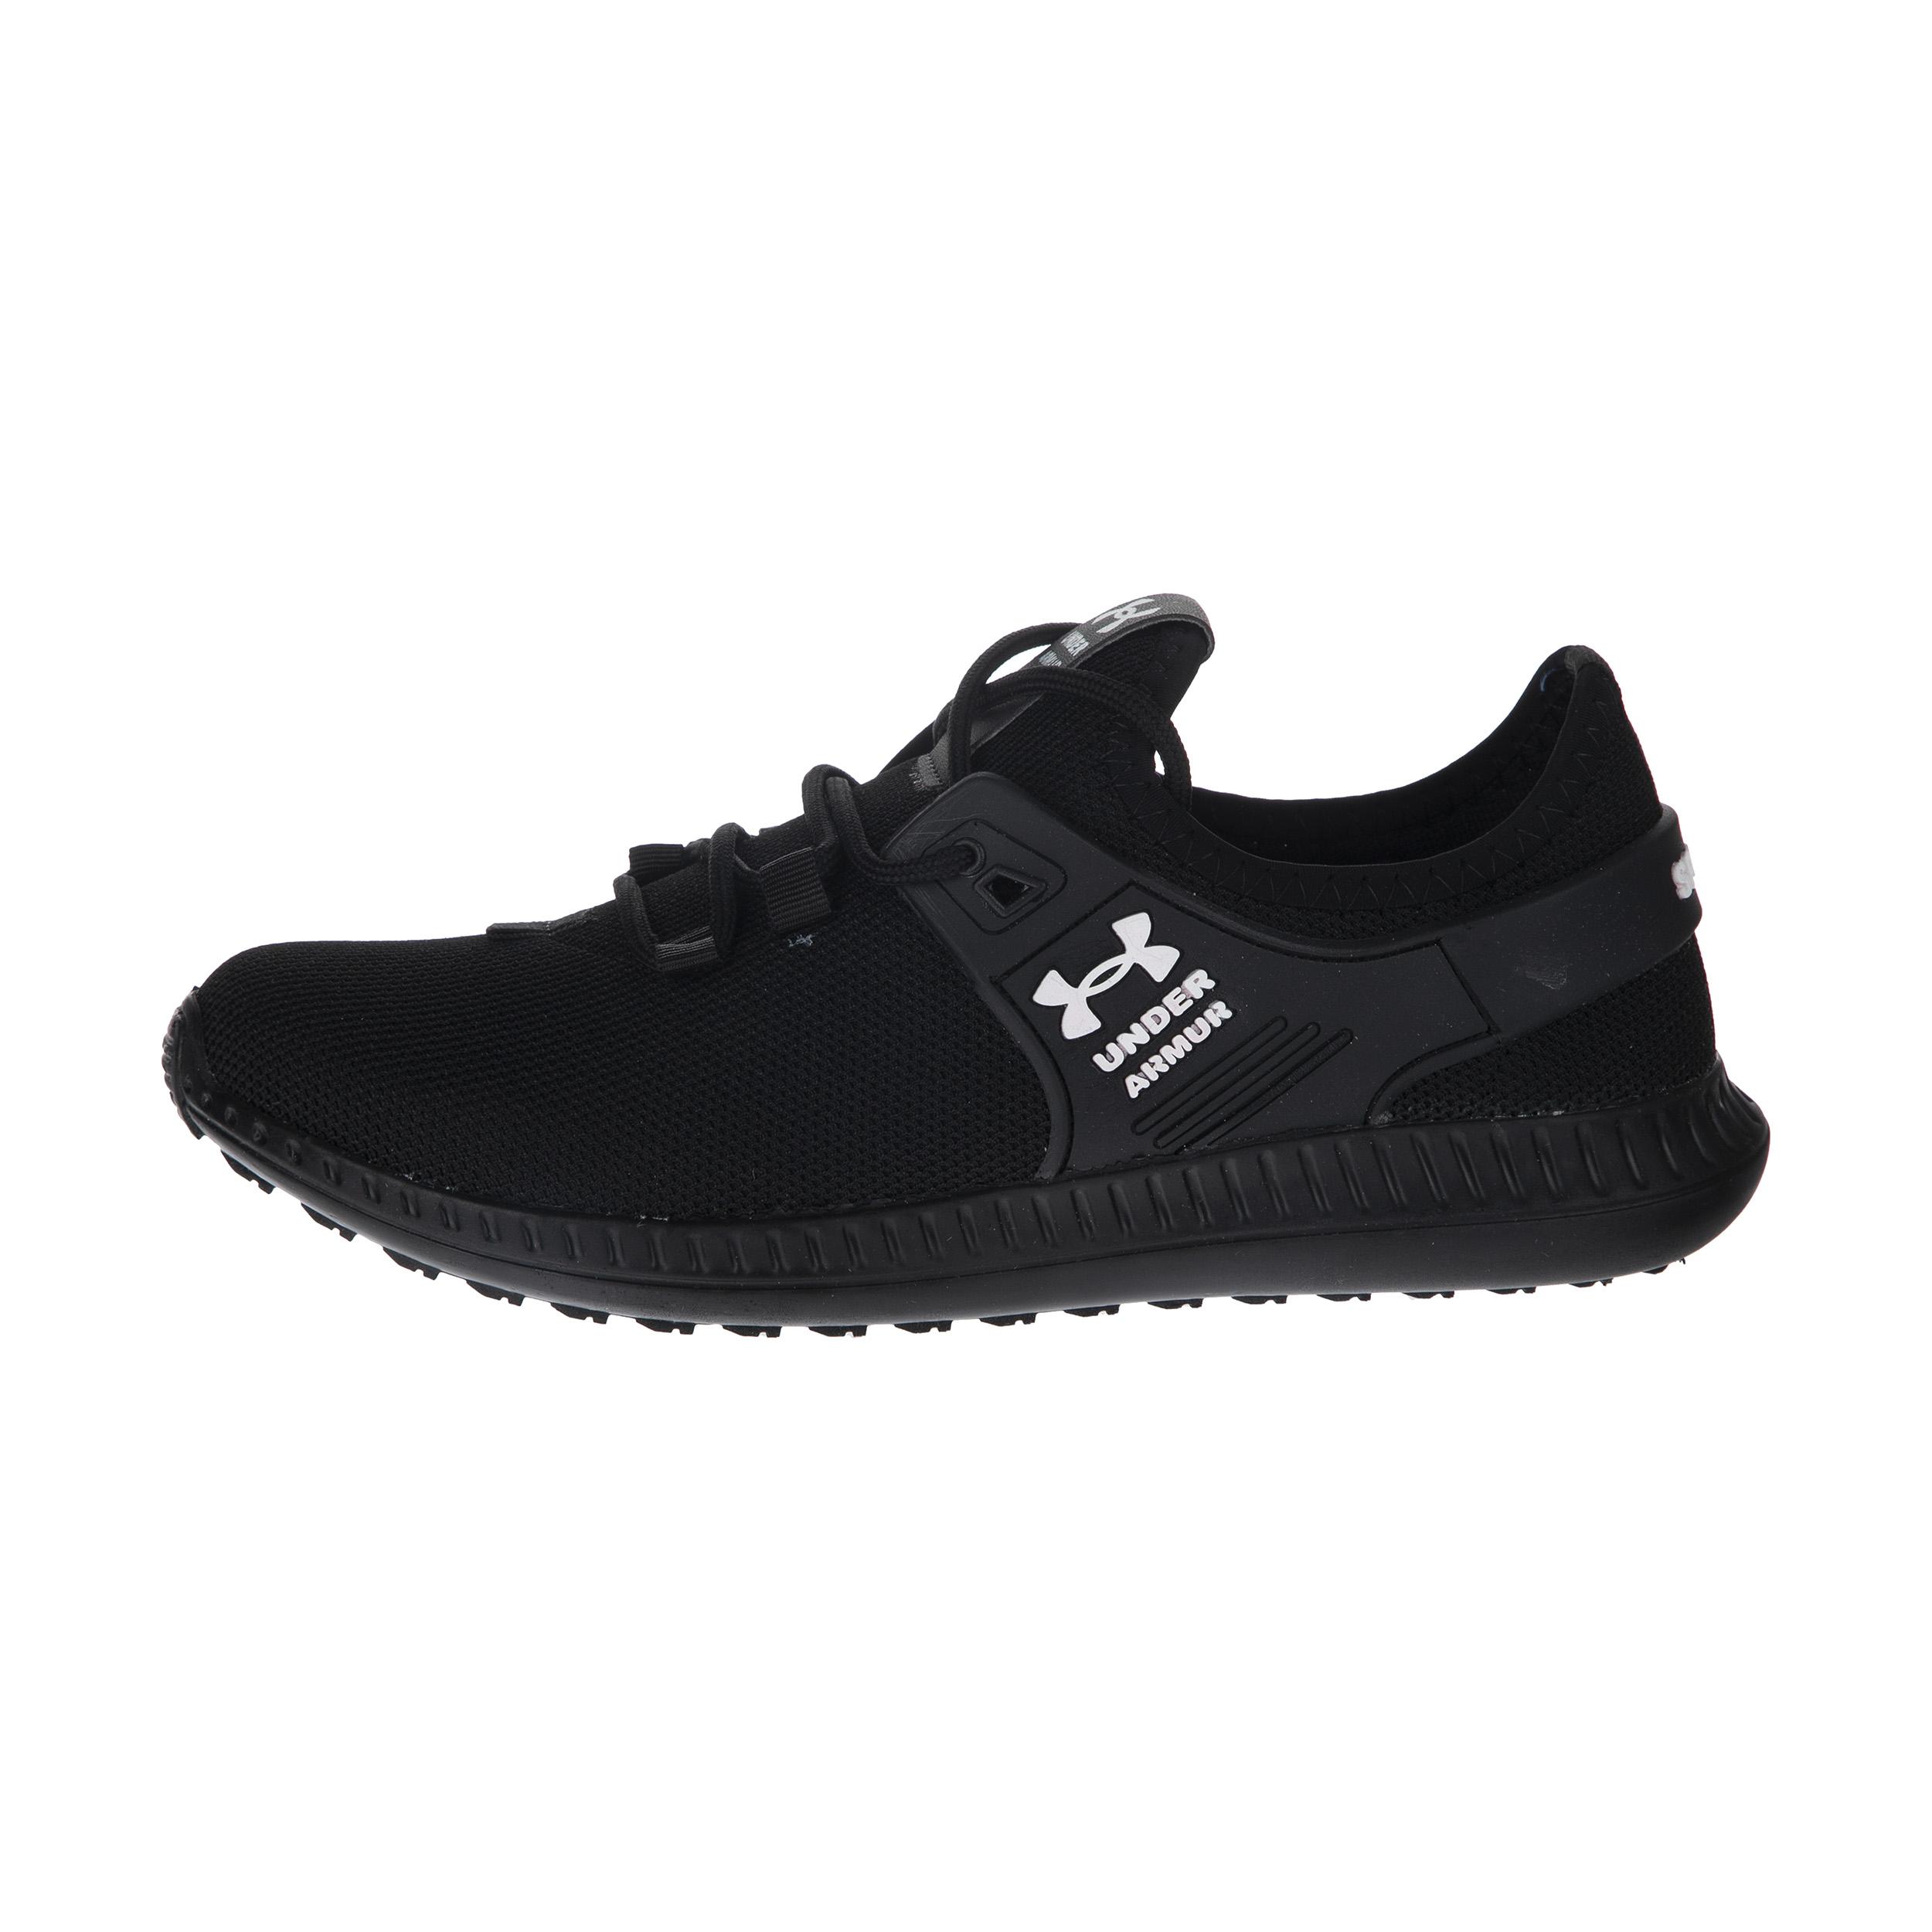 قیمت کفش مخصوص پیاده روی مردانه کد 351000302